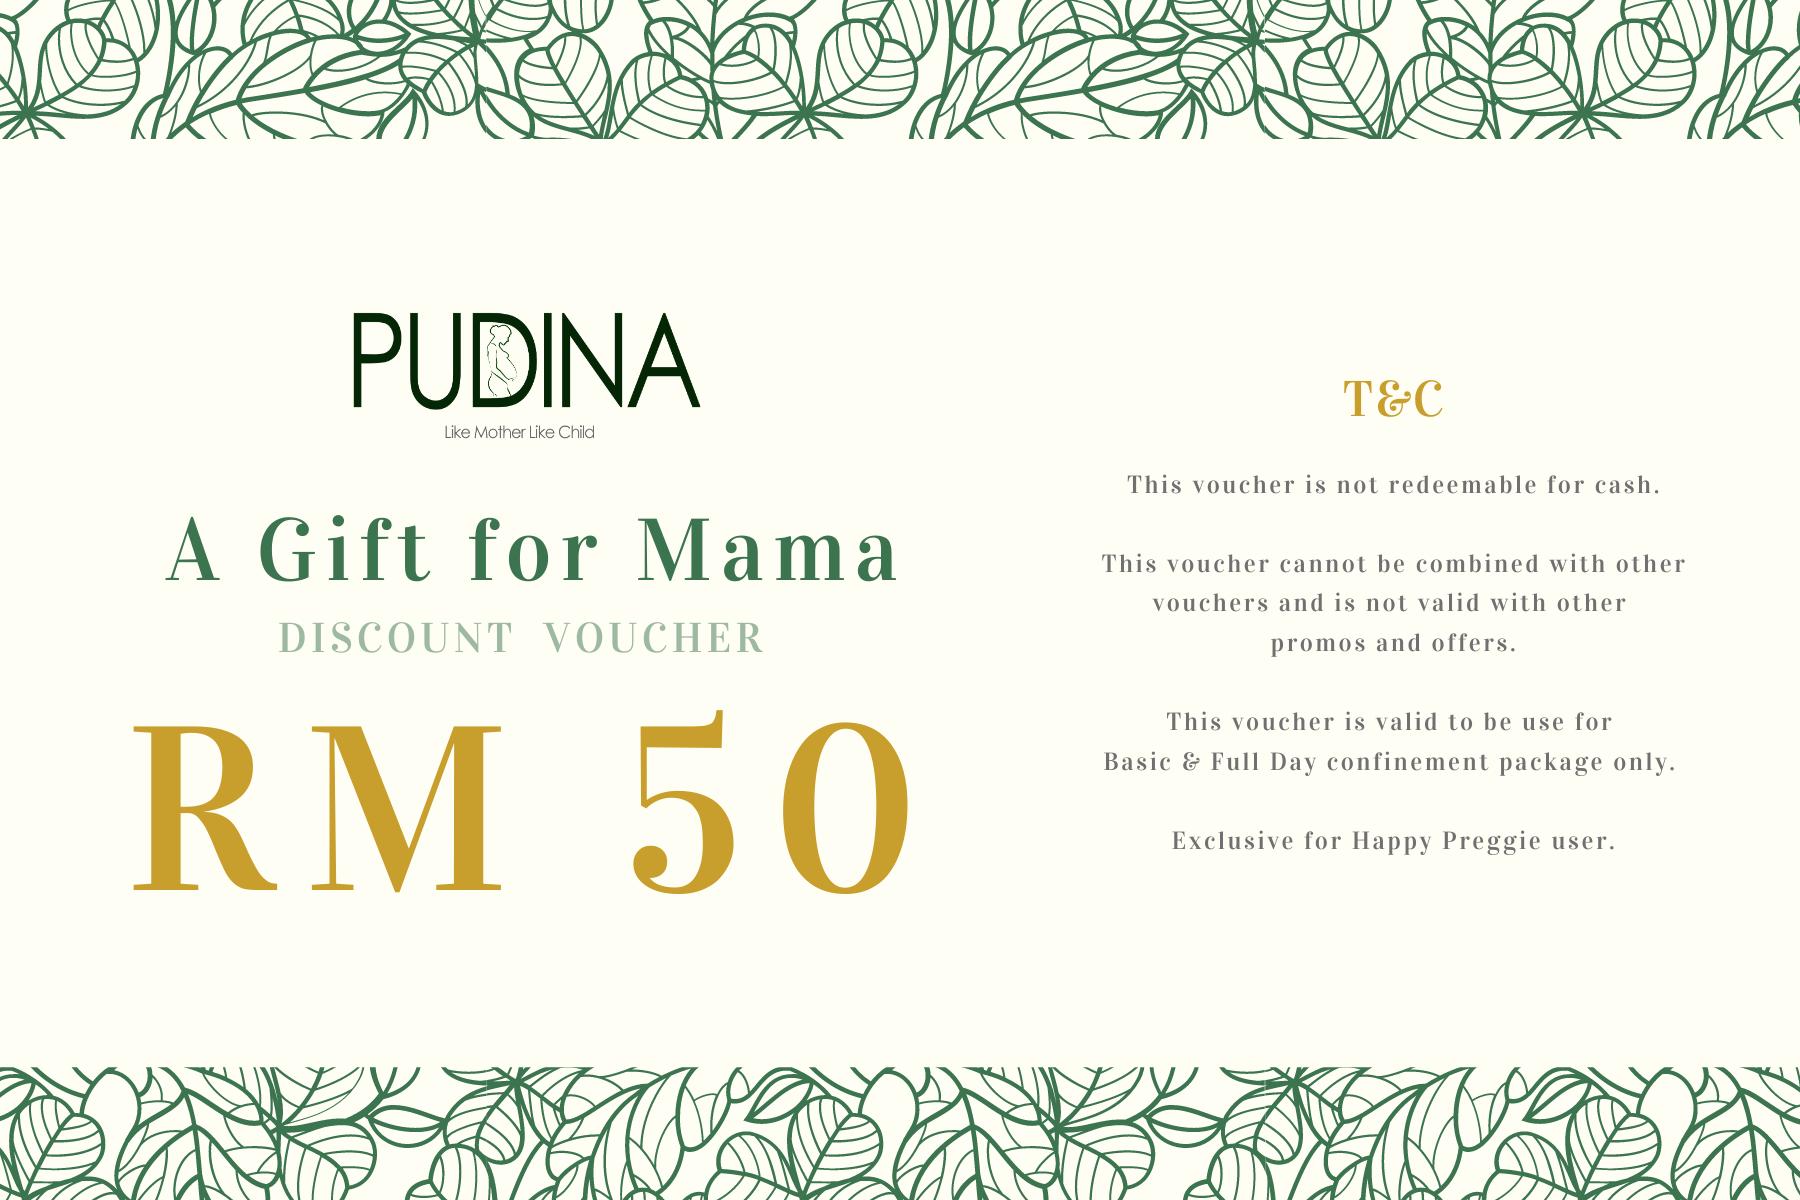 RM50 OFF Discount Voucher